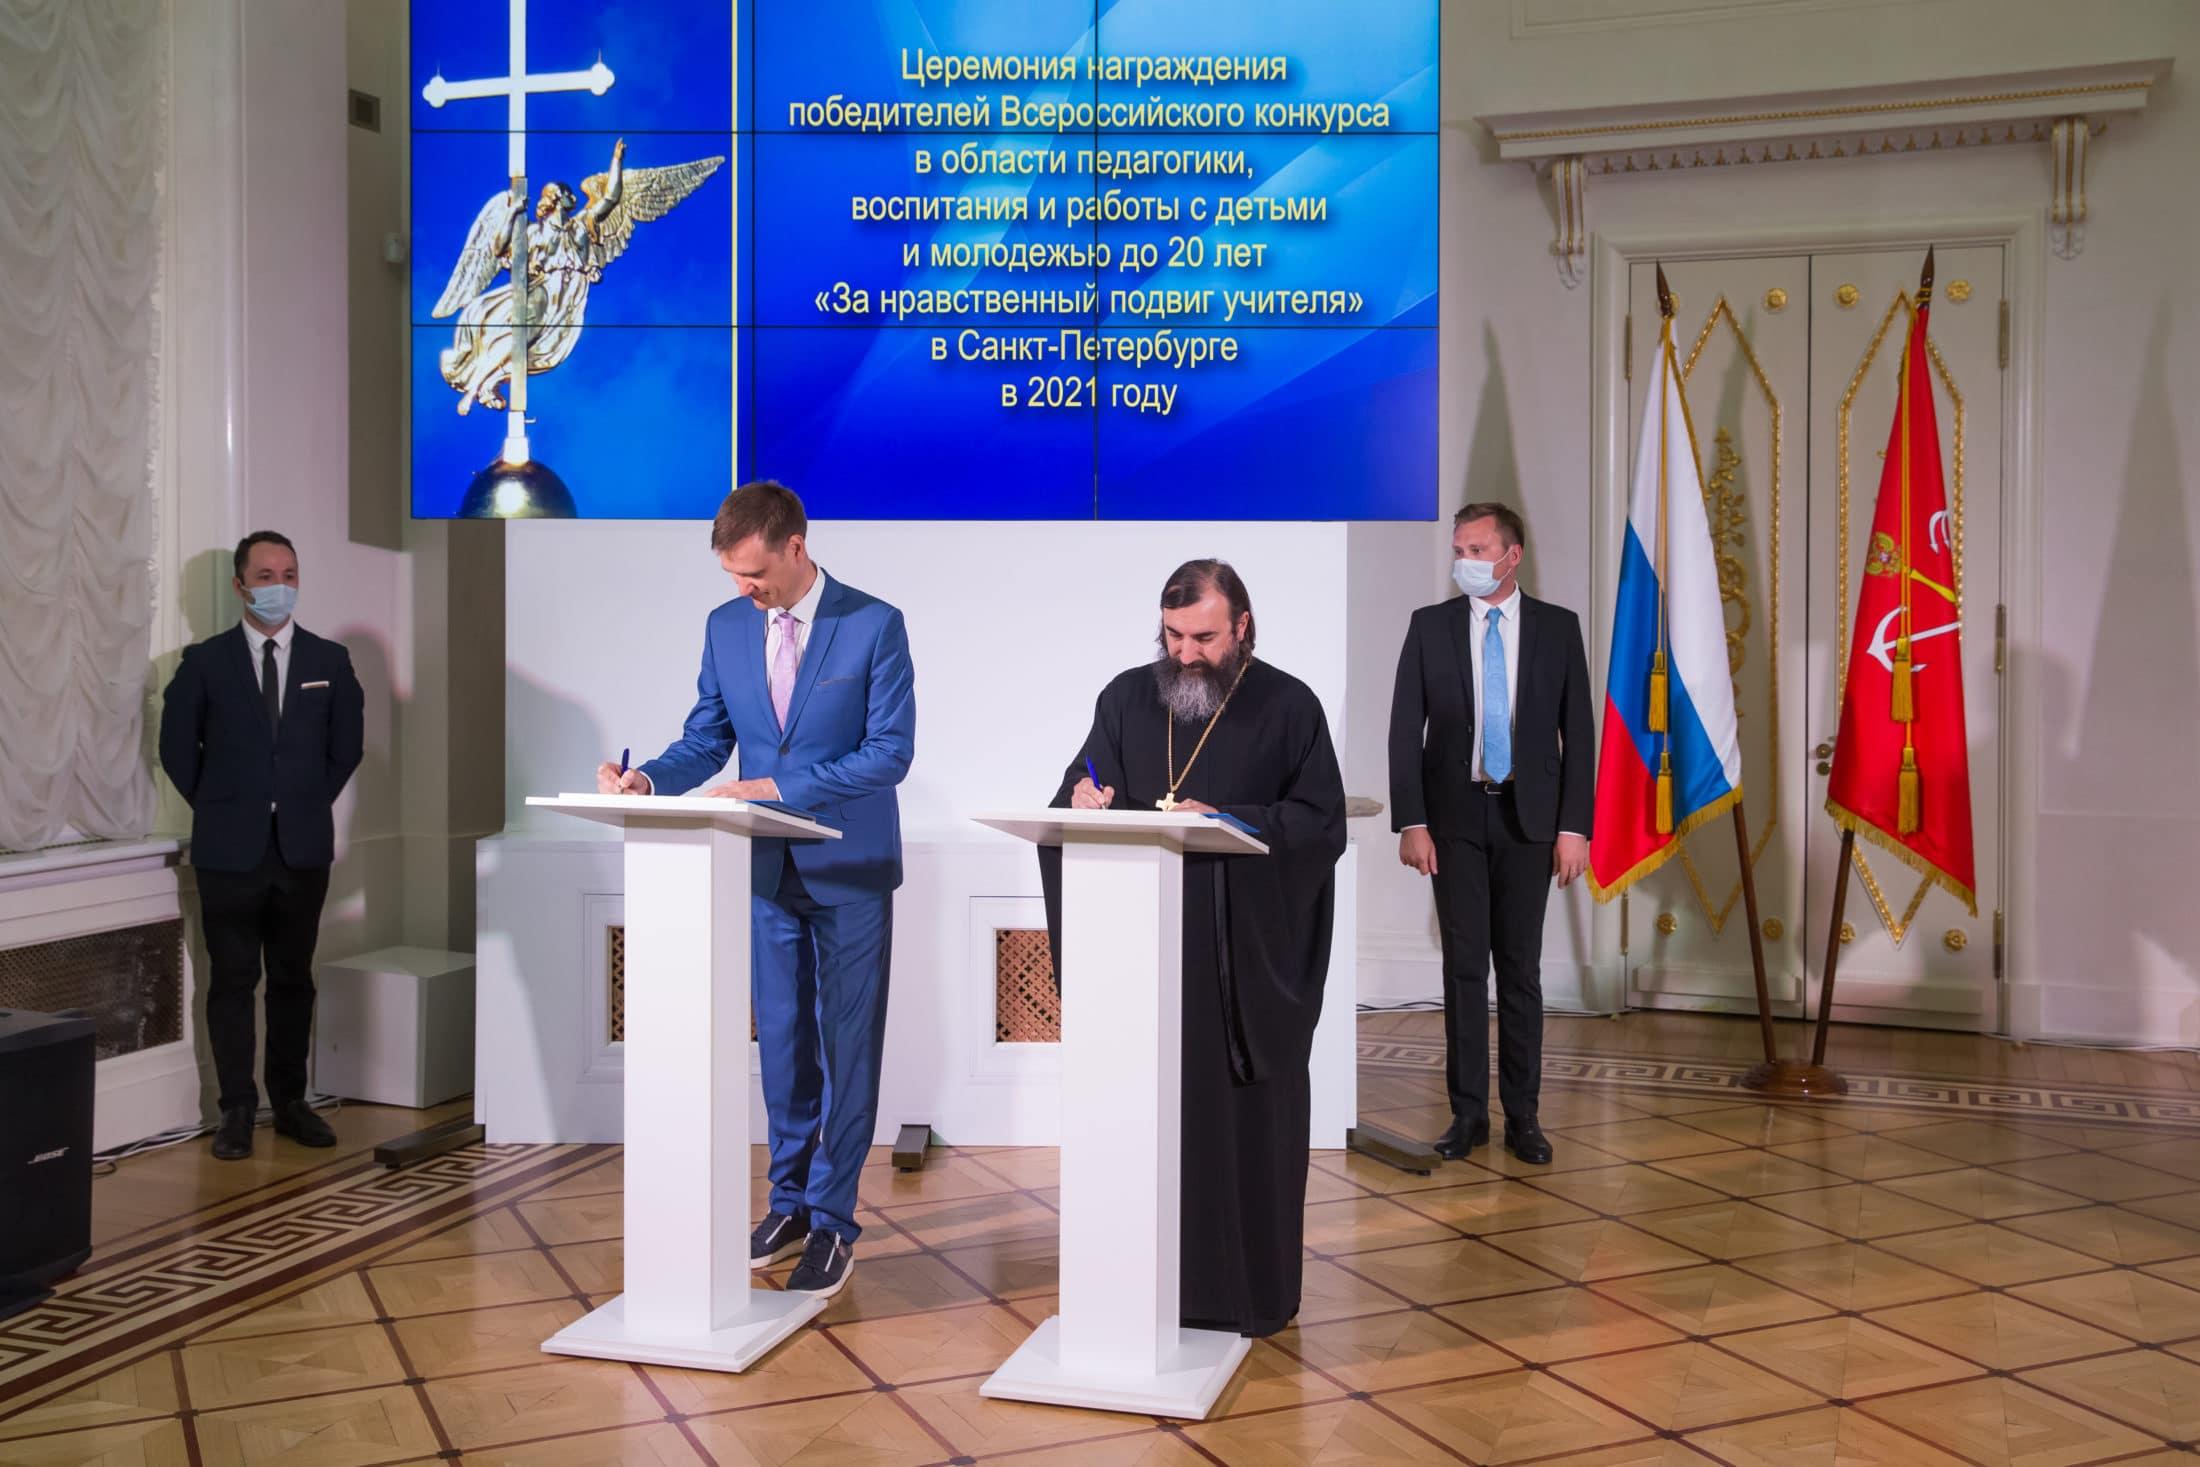 В Санкт-Петербурге подвели итоги II (межрегионального) этапа Всероссийского конкурса в области педагогики, воспитания и работы с детьми и м